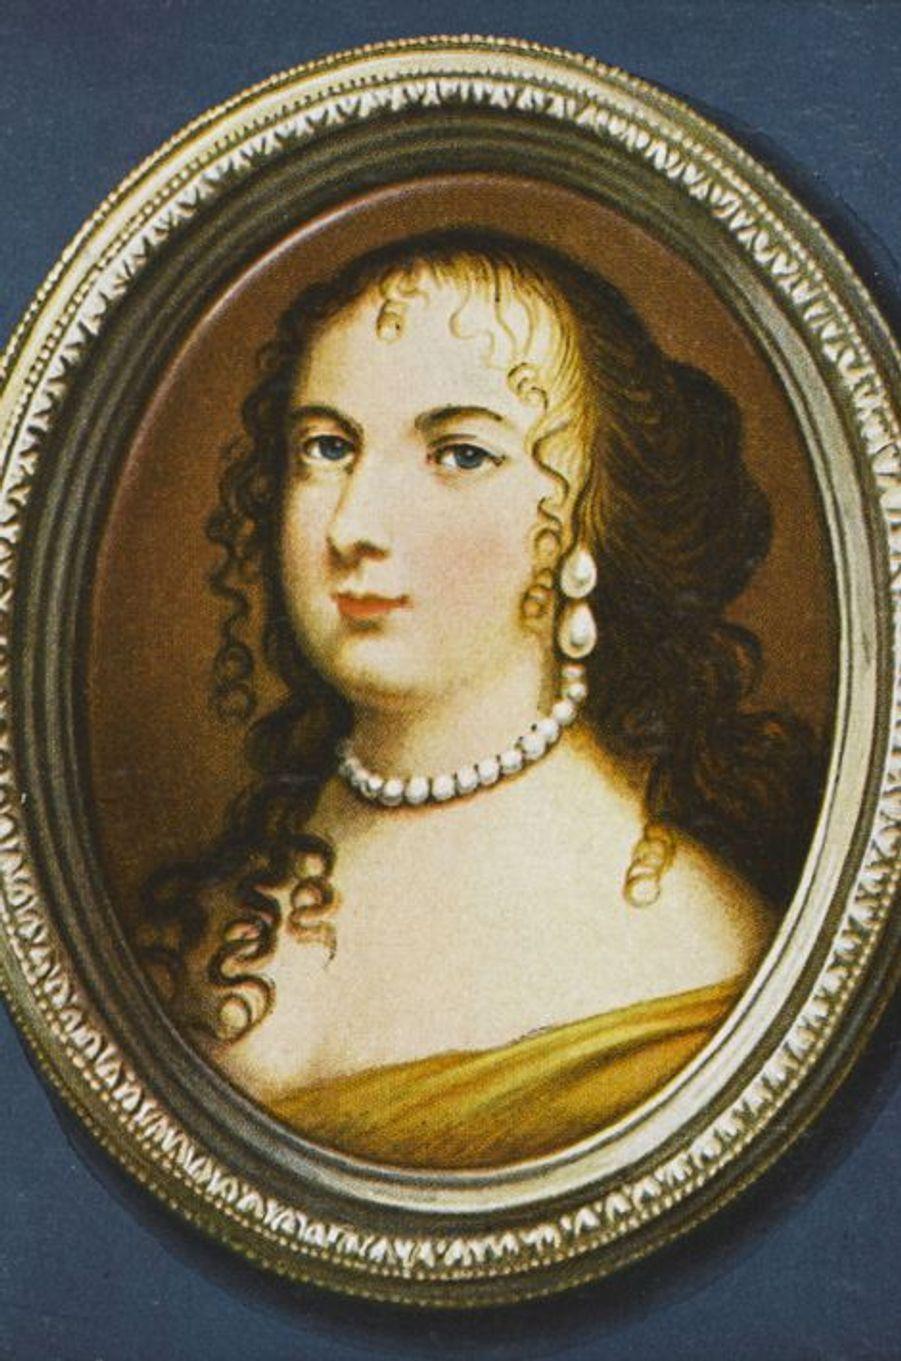 Marie-Thérèse d'Autriche (1638-1683), sa première femmeComme Anne d'Autriche, Marie-Thérèse d'Autriche est une princesse espagnole de la maison des Habsbourg. Elle est l'une des filles du roi Philippe IV d'Espagne et d'Élisabeth de France dont le père n'est autre qu'Henri IV. Marie-Thérèse est donc une cousine doublement germaine de Louis XIV, ce qui ne l'empêche nullement de l'épouser le 9 juin 1660. Née le 10 septembre 1638, cinq jours après le roi Soleil, elle a de fait le même âge que ce dernier lors de leurs noces: 21 ans.Marie-Thérèse donnera six enfants à Louis XIV en dix ans. Un seul, Louis, l'aîné, atteindra l'âge adulte. Reine de France durant un peu plus de 23 ans, la première épouse du roi Soleil meurt le 30 juillet 1683, à l'âge de 44 ans.